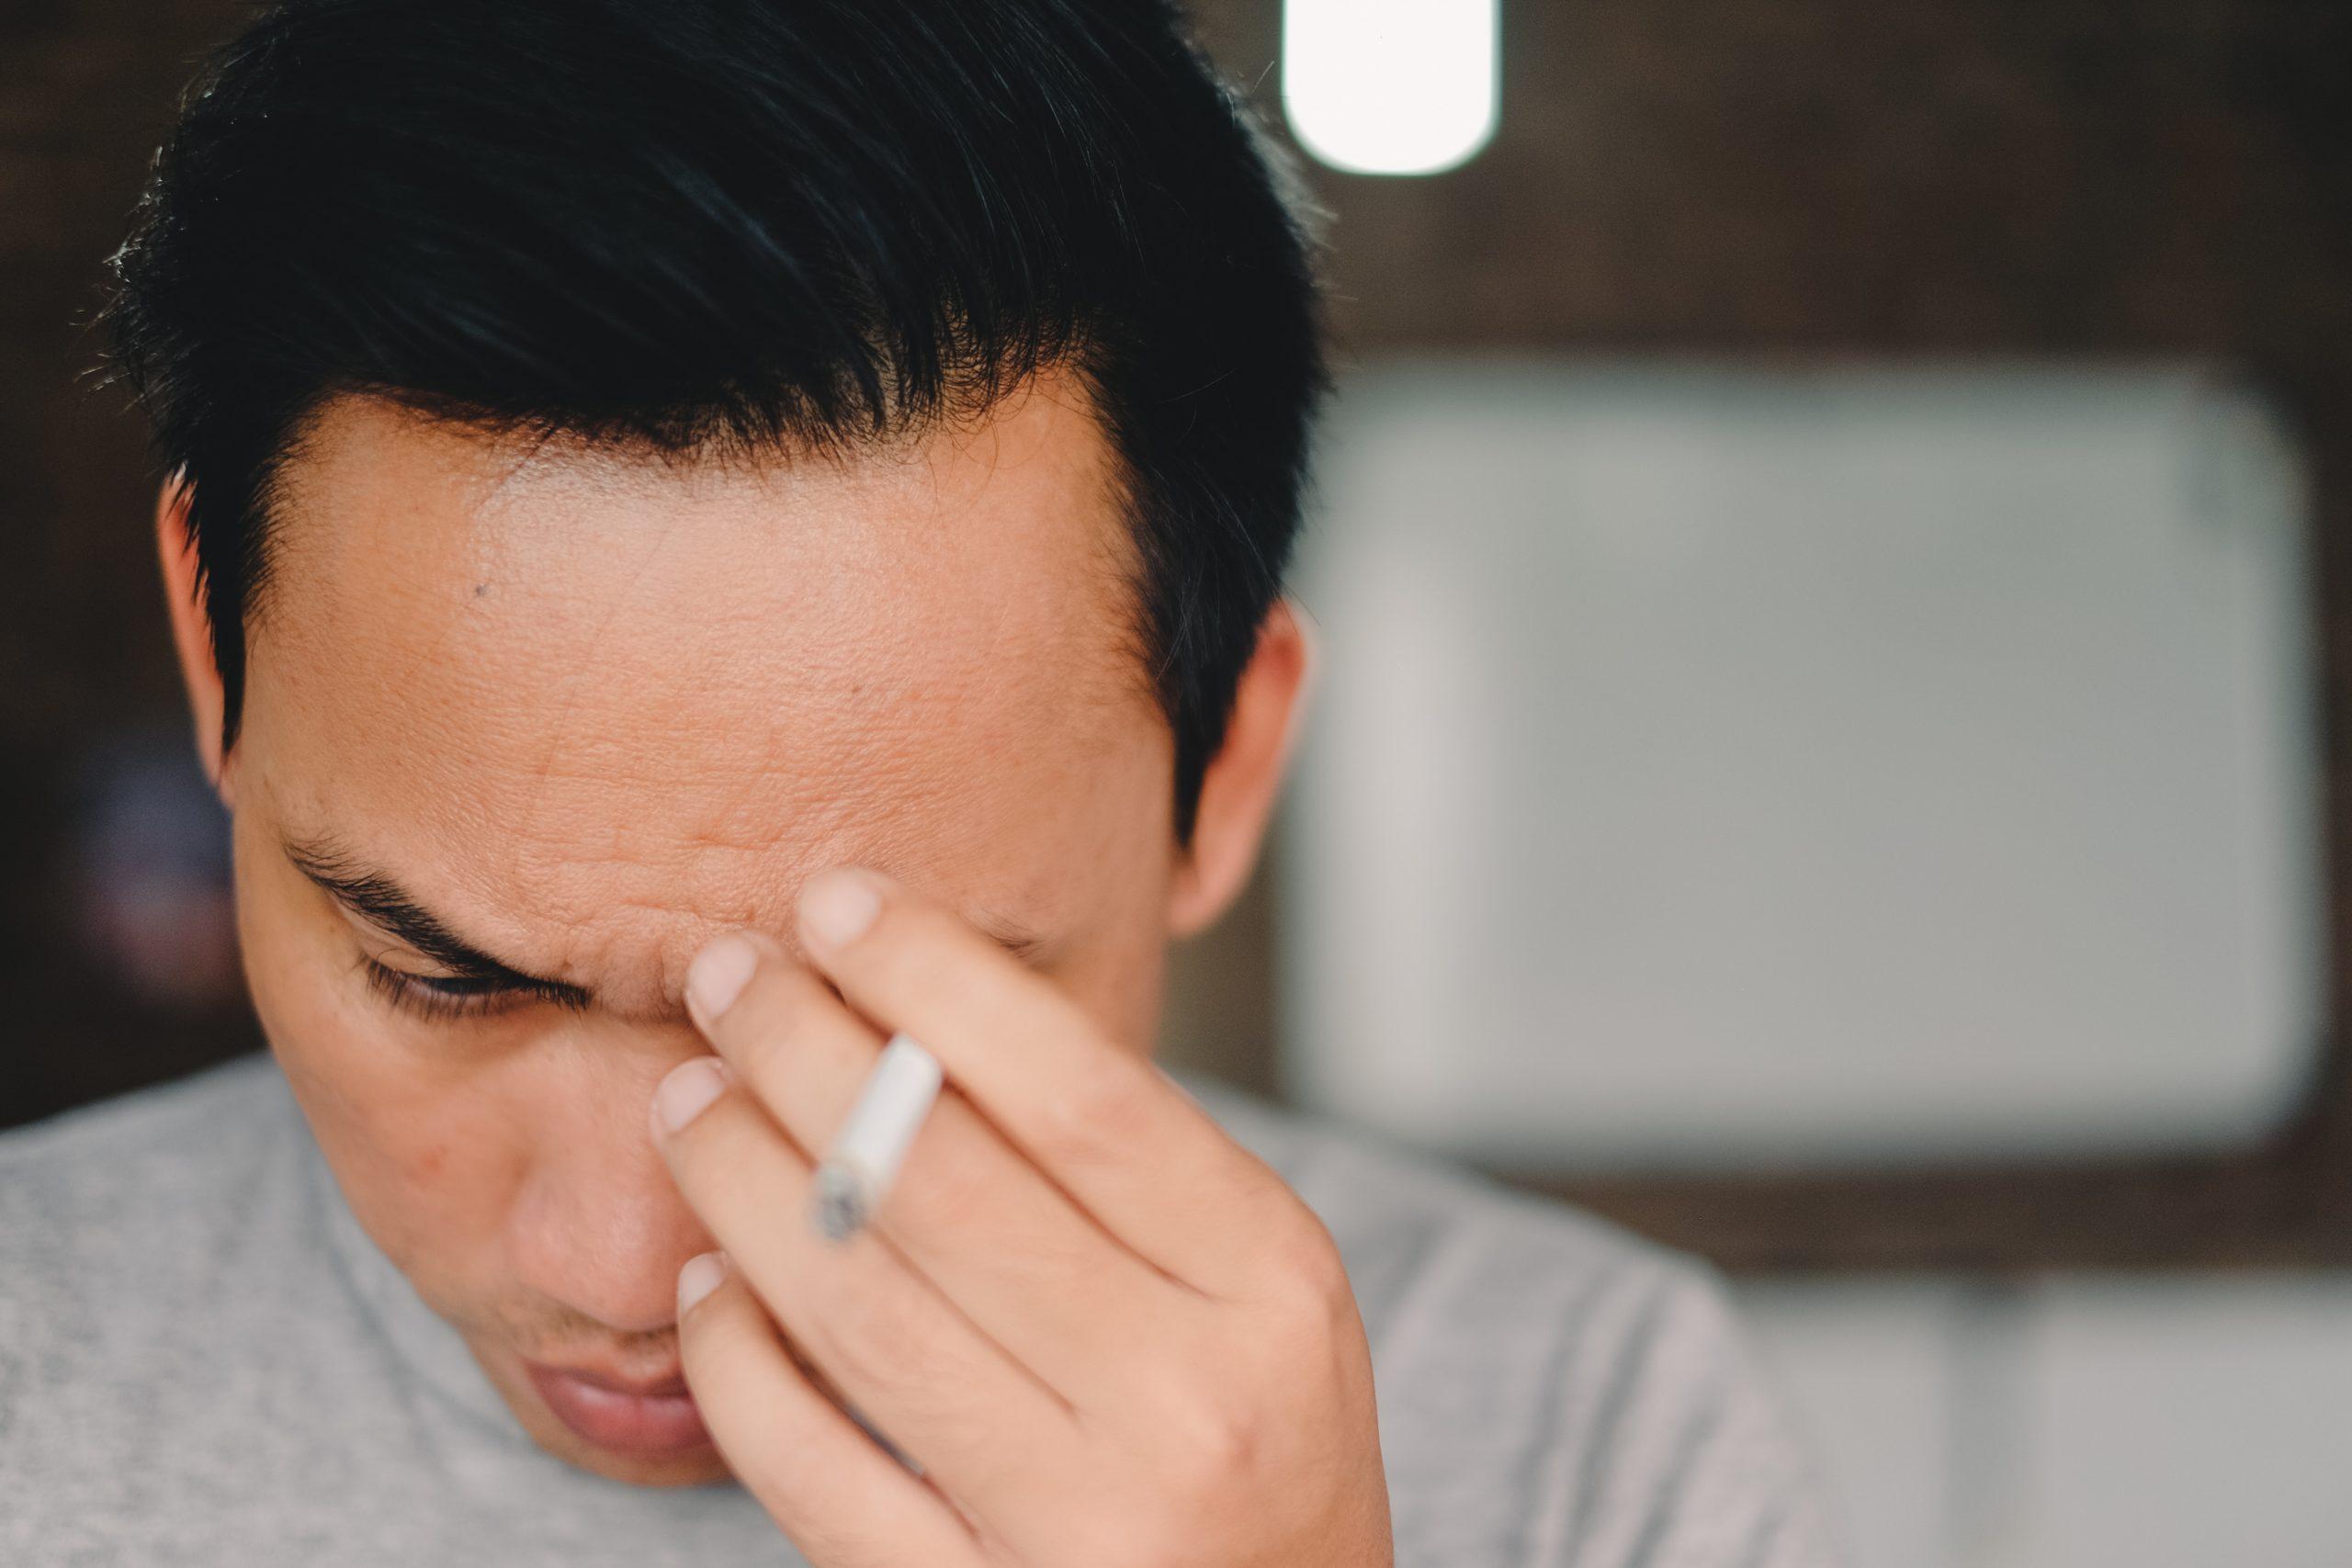 仕事を辞めたいと感じる時のストレスを解消するには【初期対応が大事】